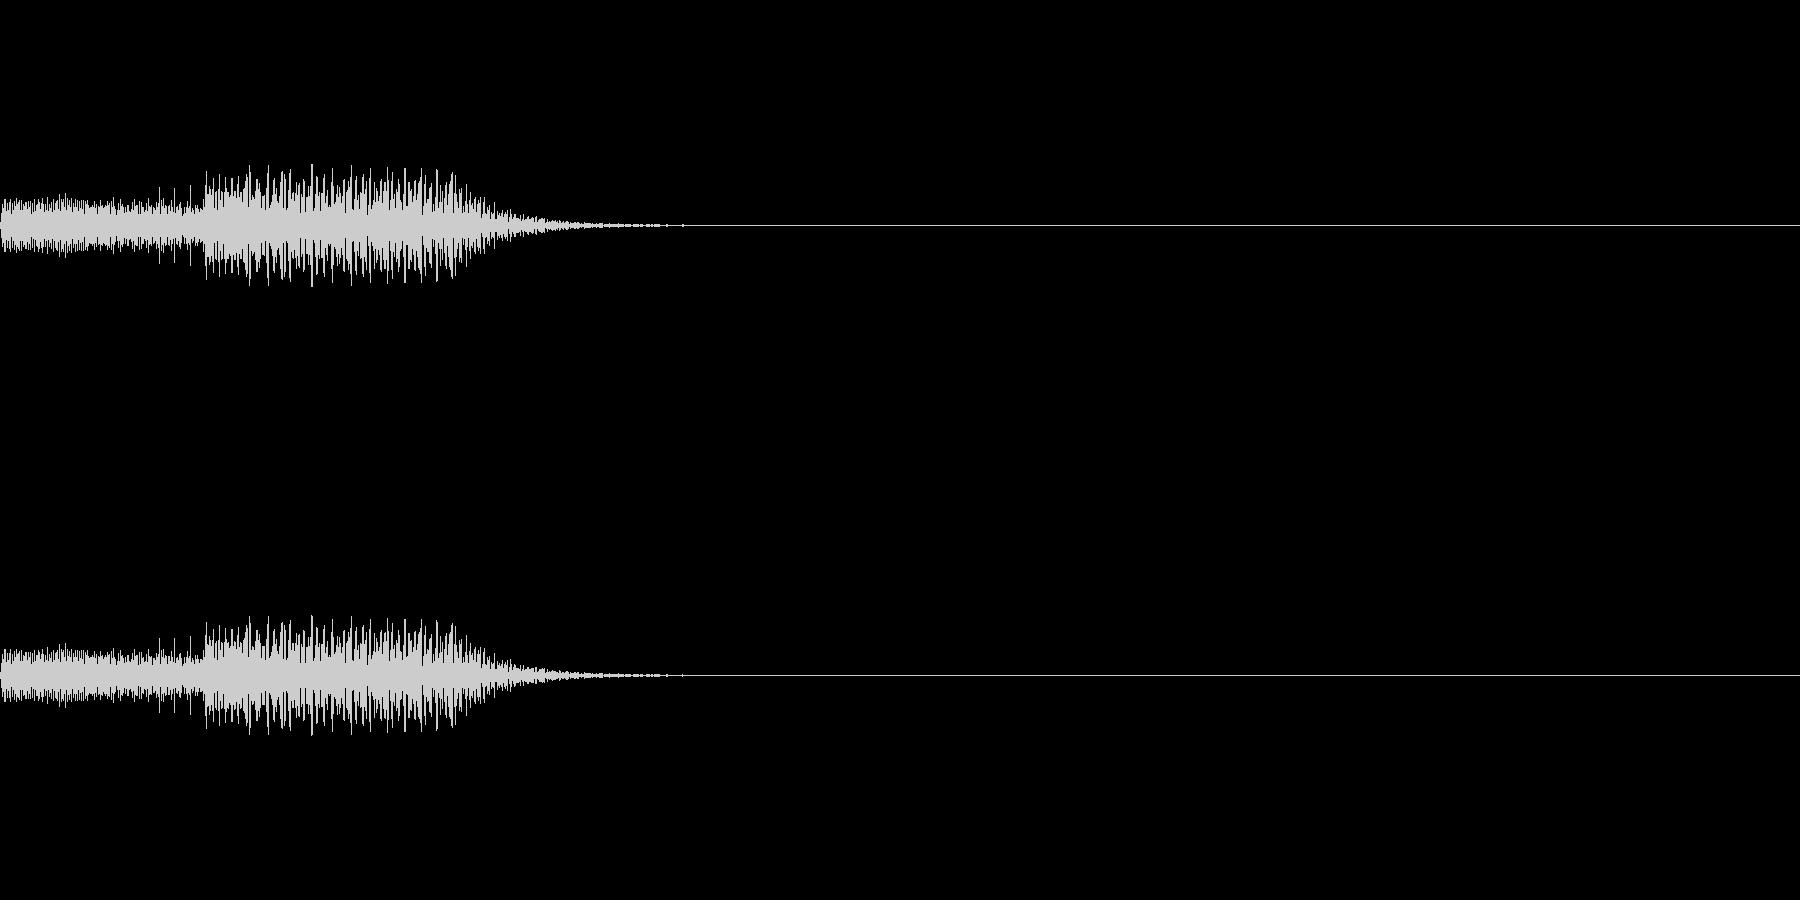 ゲーム_ポーズボタンを押すの未再生の波形